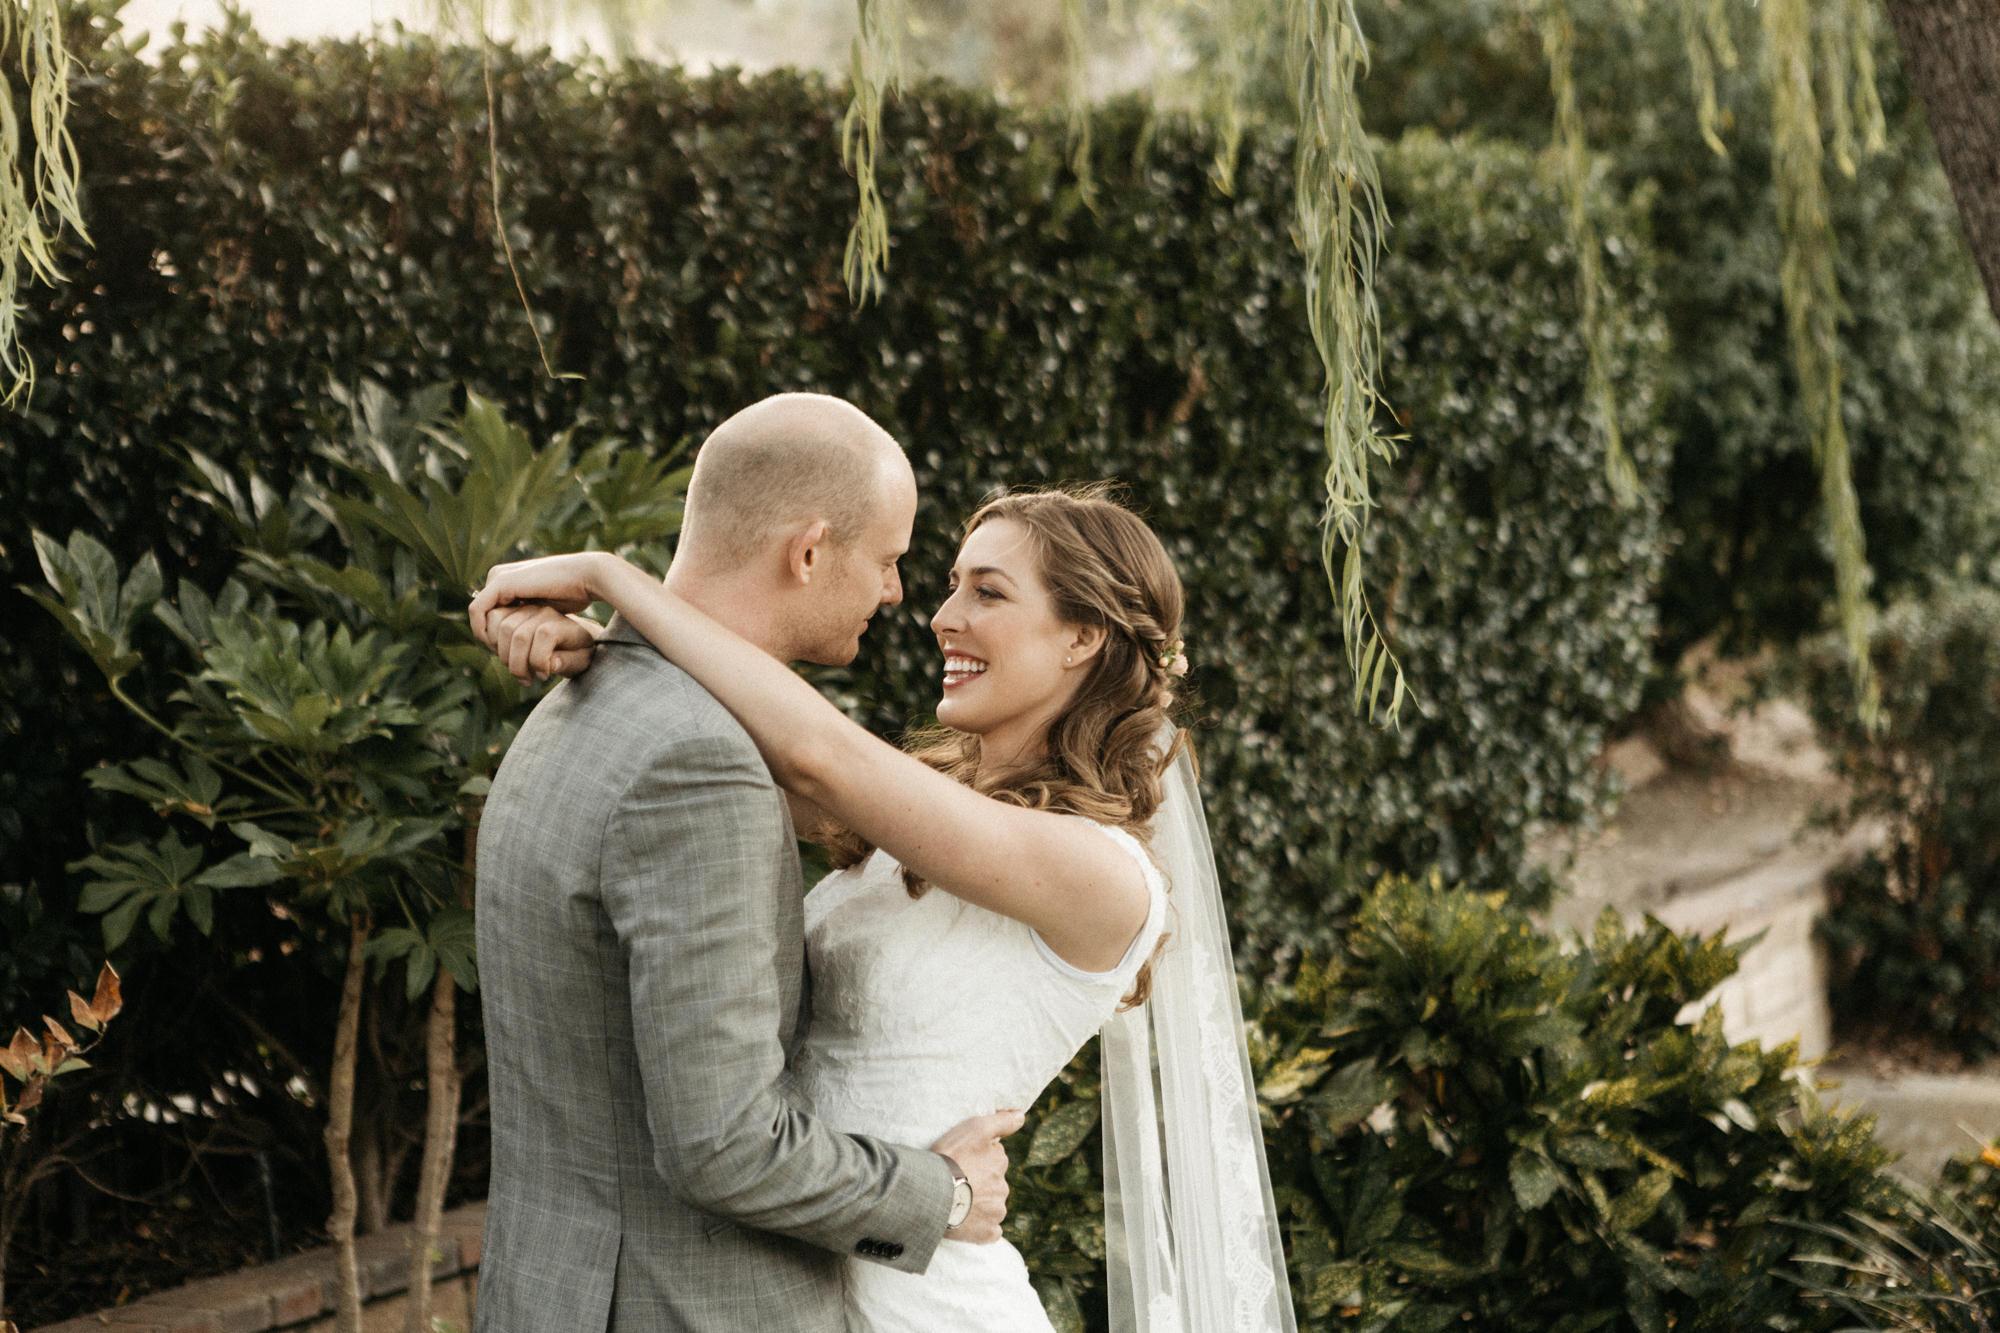 los_angeles_mormon_temple_wedding-40.jpg